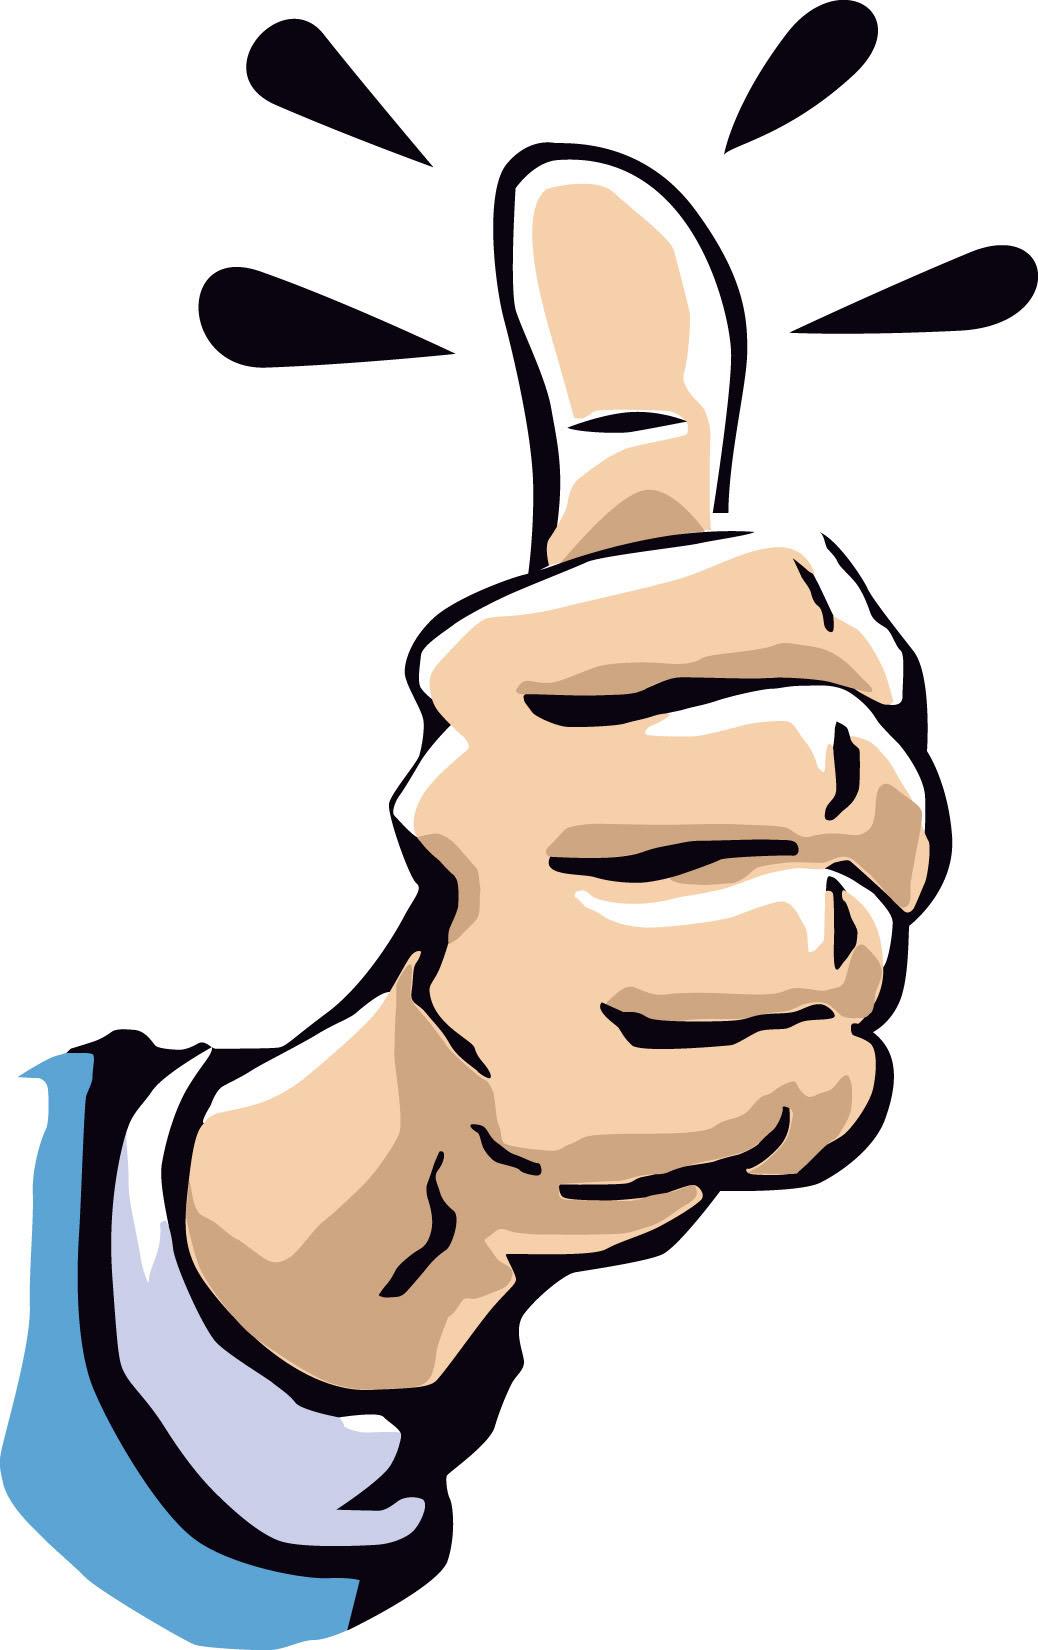 Thumbs Up Thumb Up Clip Art Clipart Clipartix.